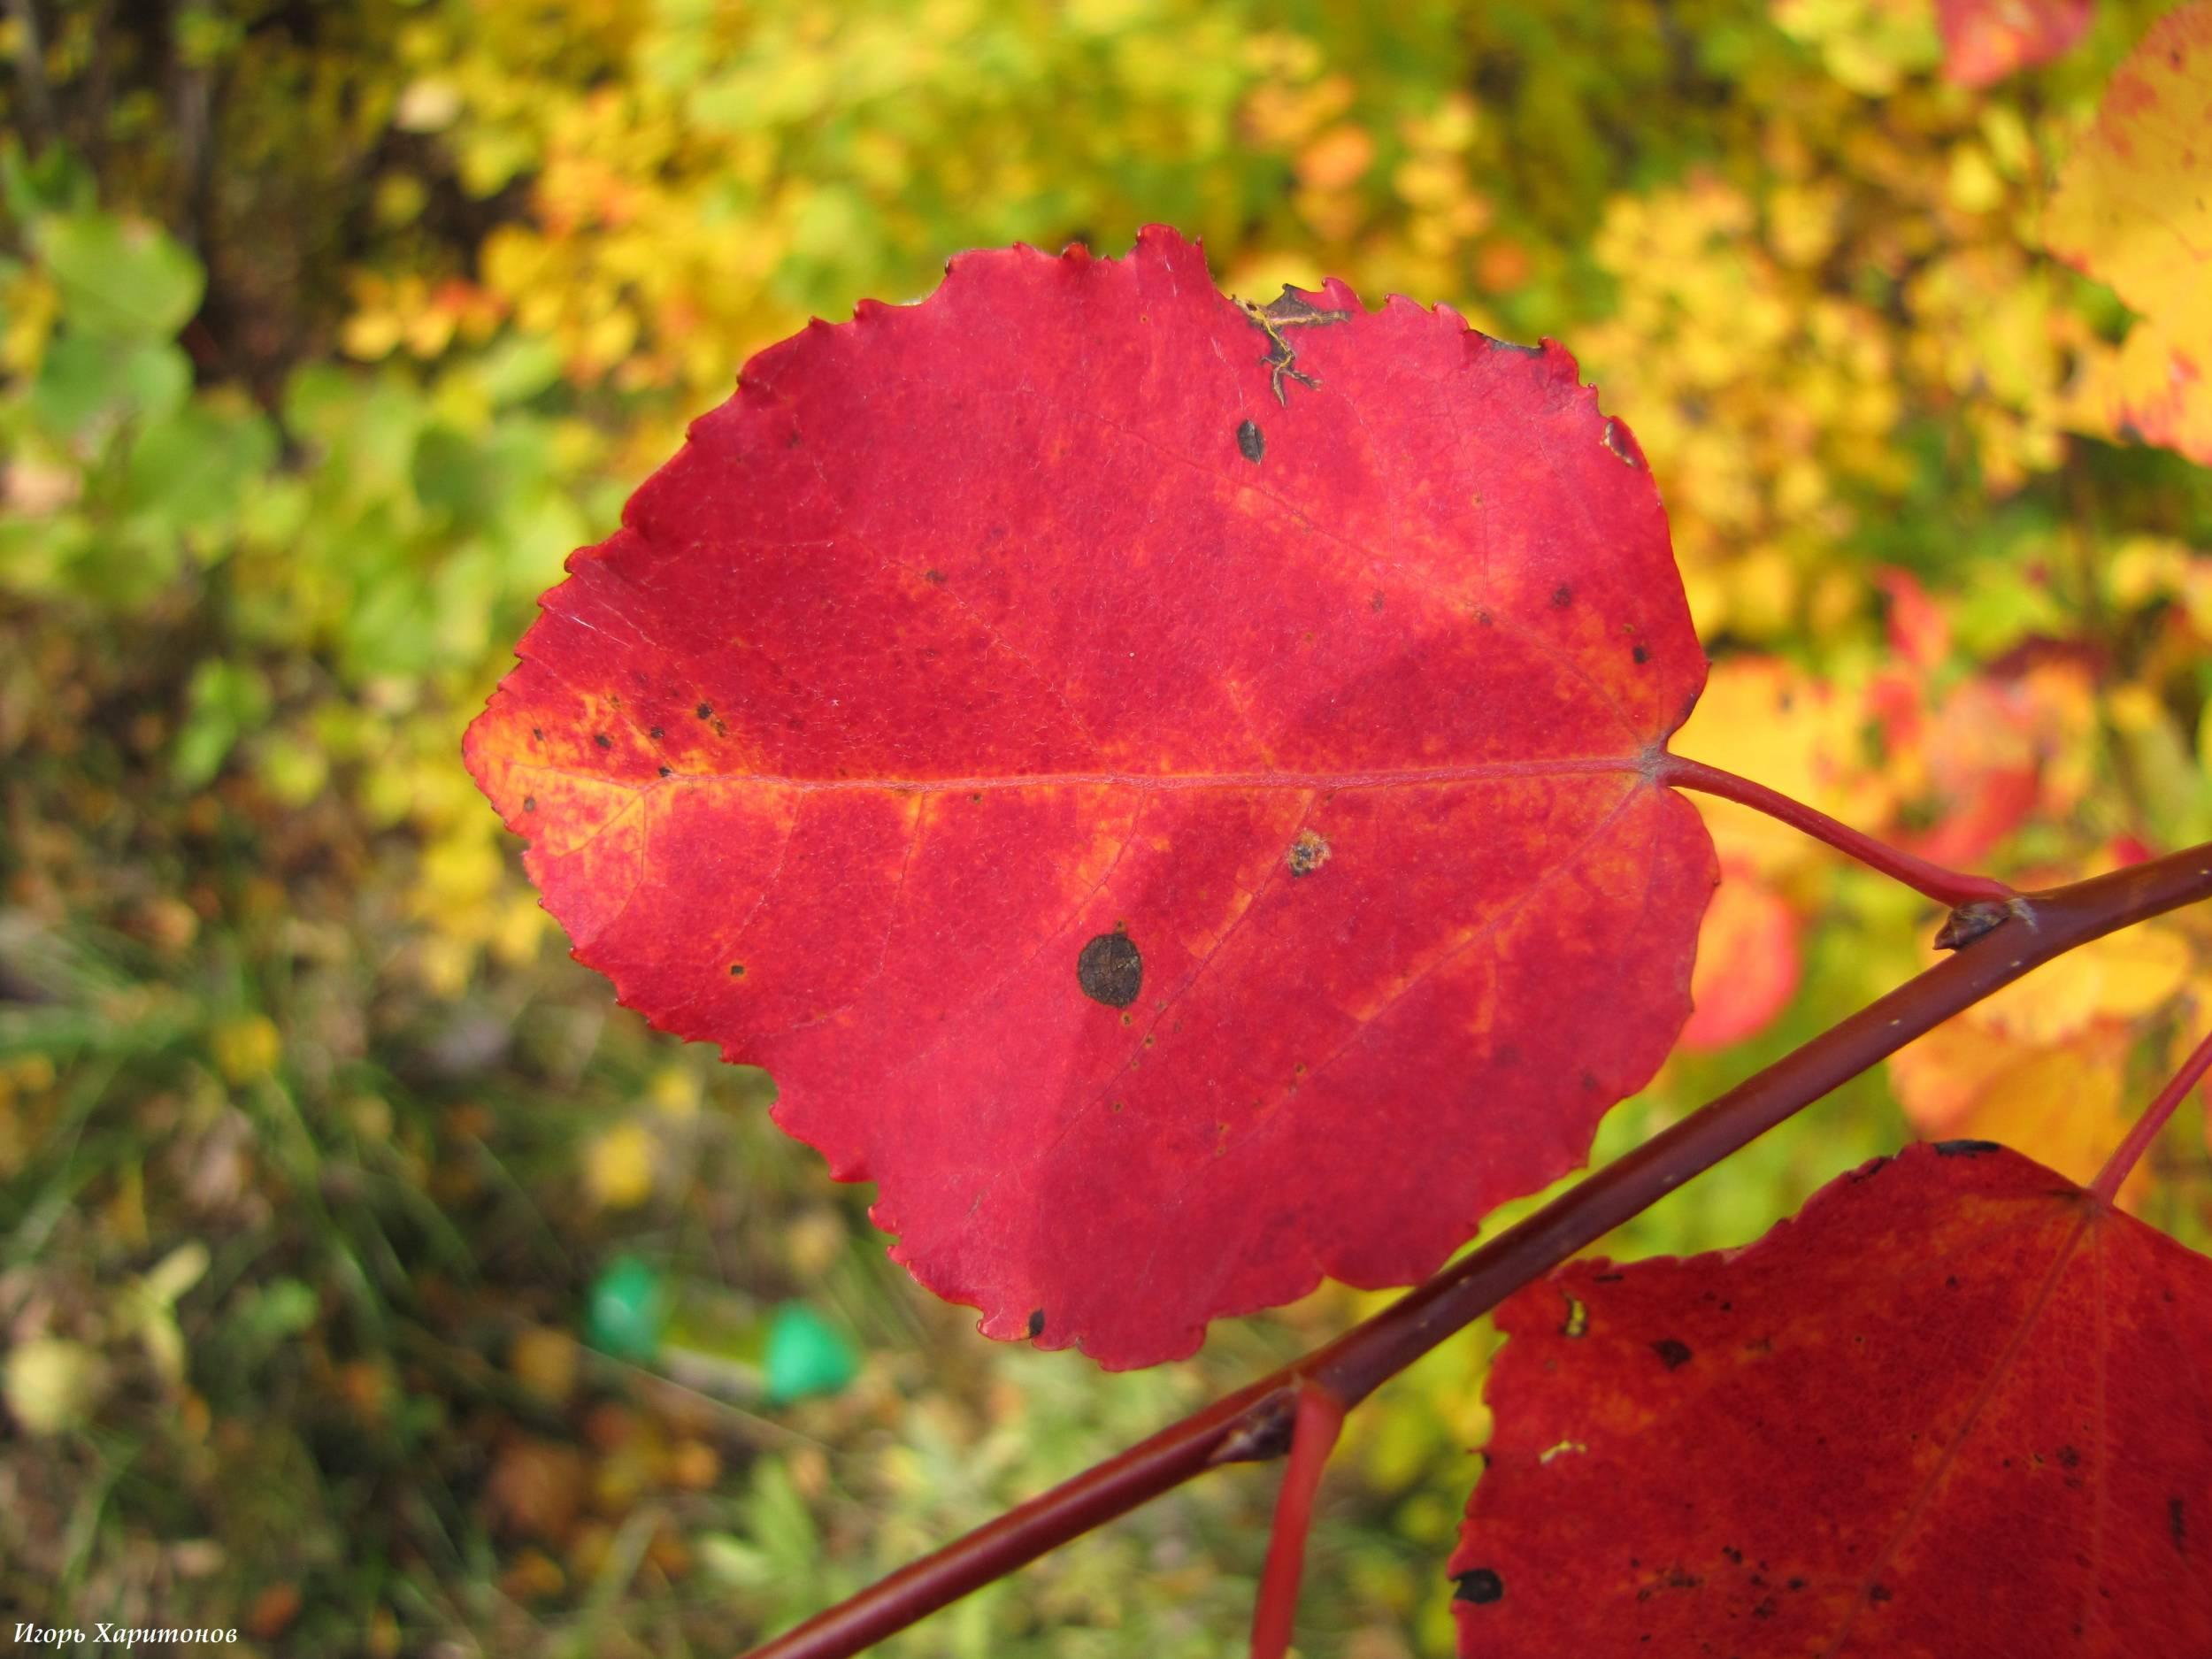 Как выглядит дерево осина фото